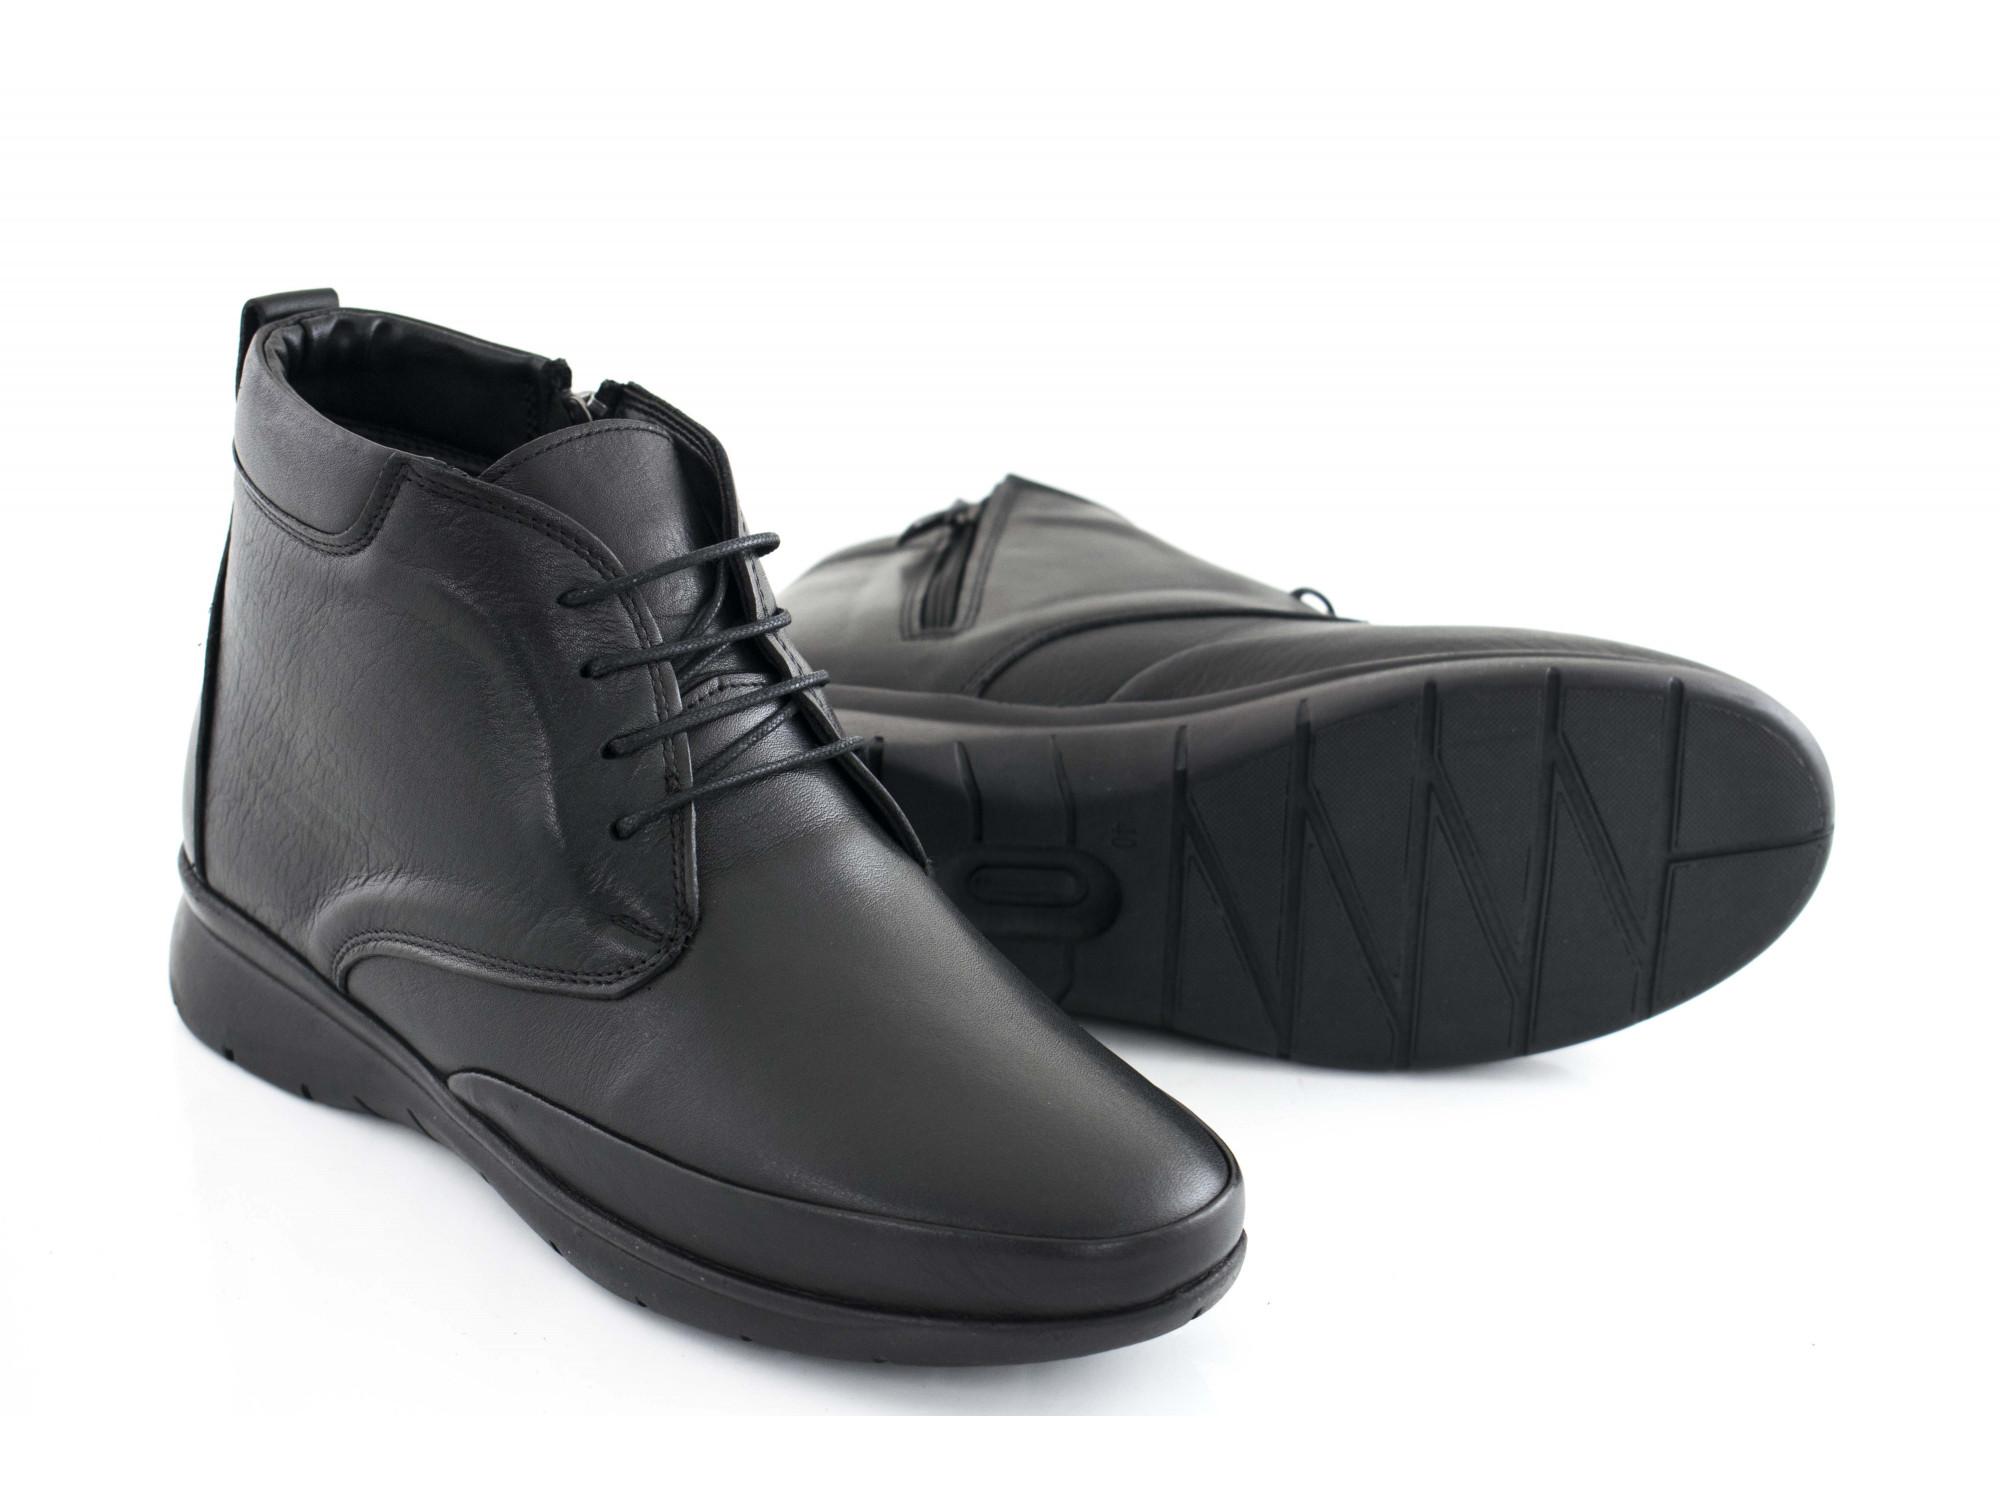 Ботинки La Pinta 0571-201-05